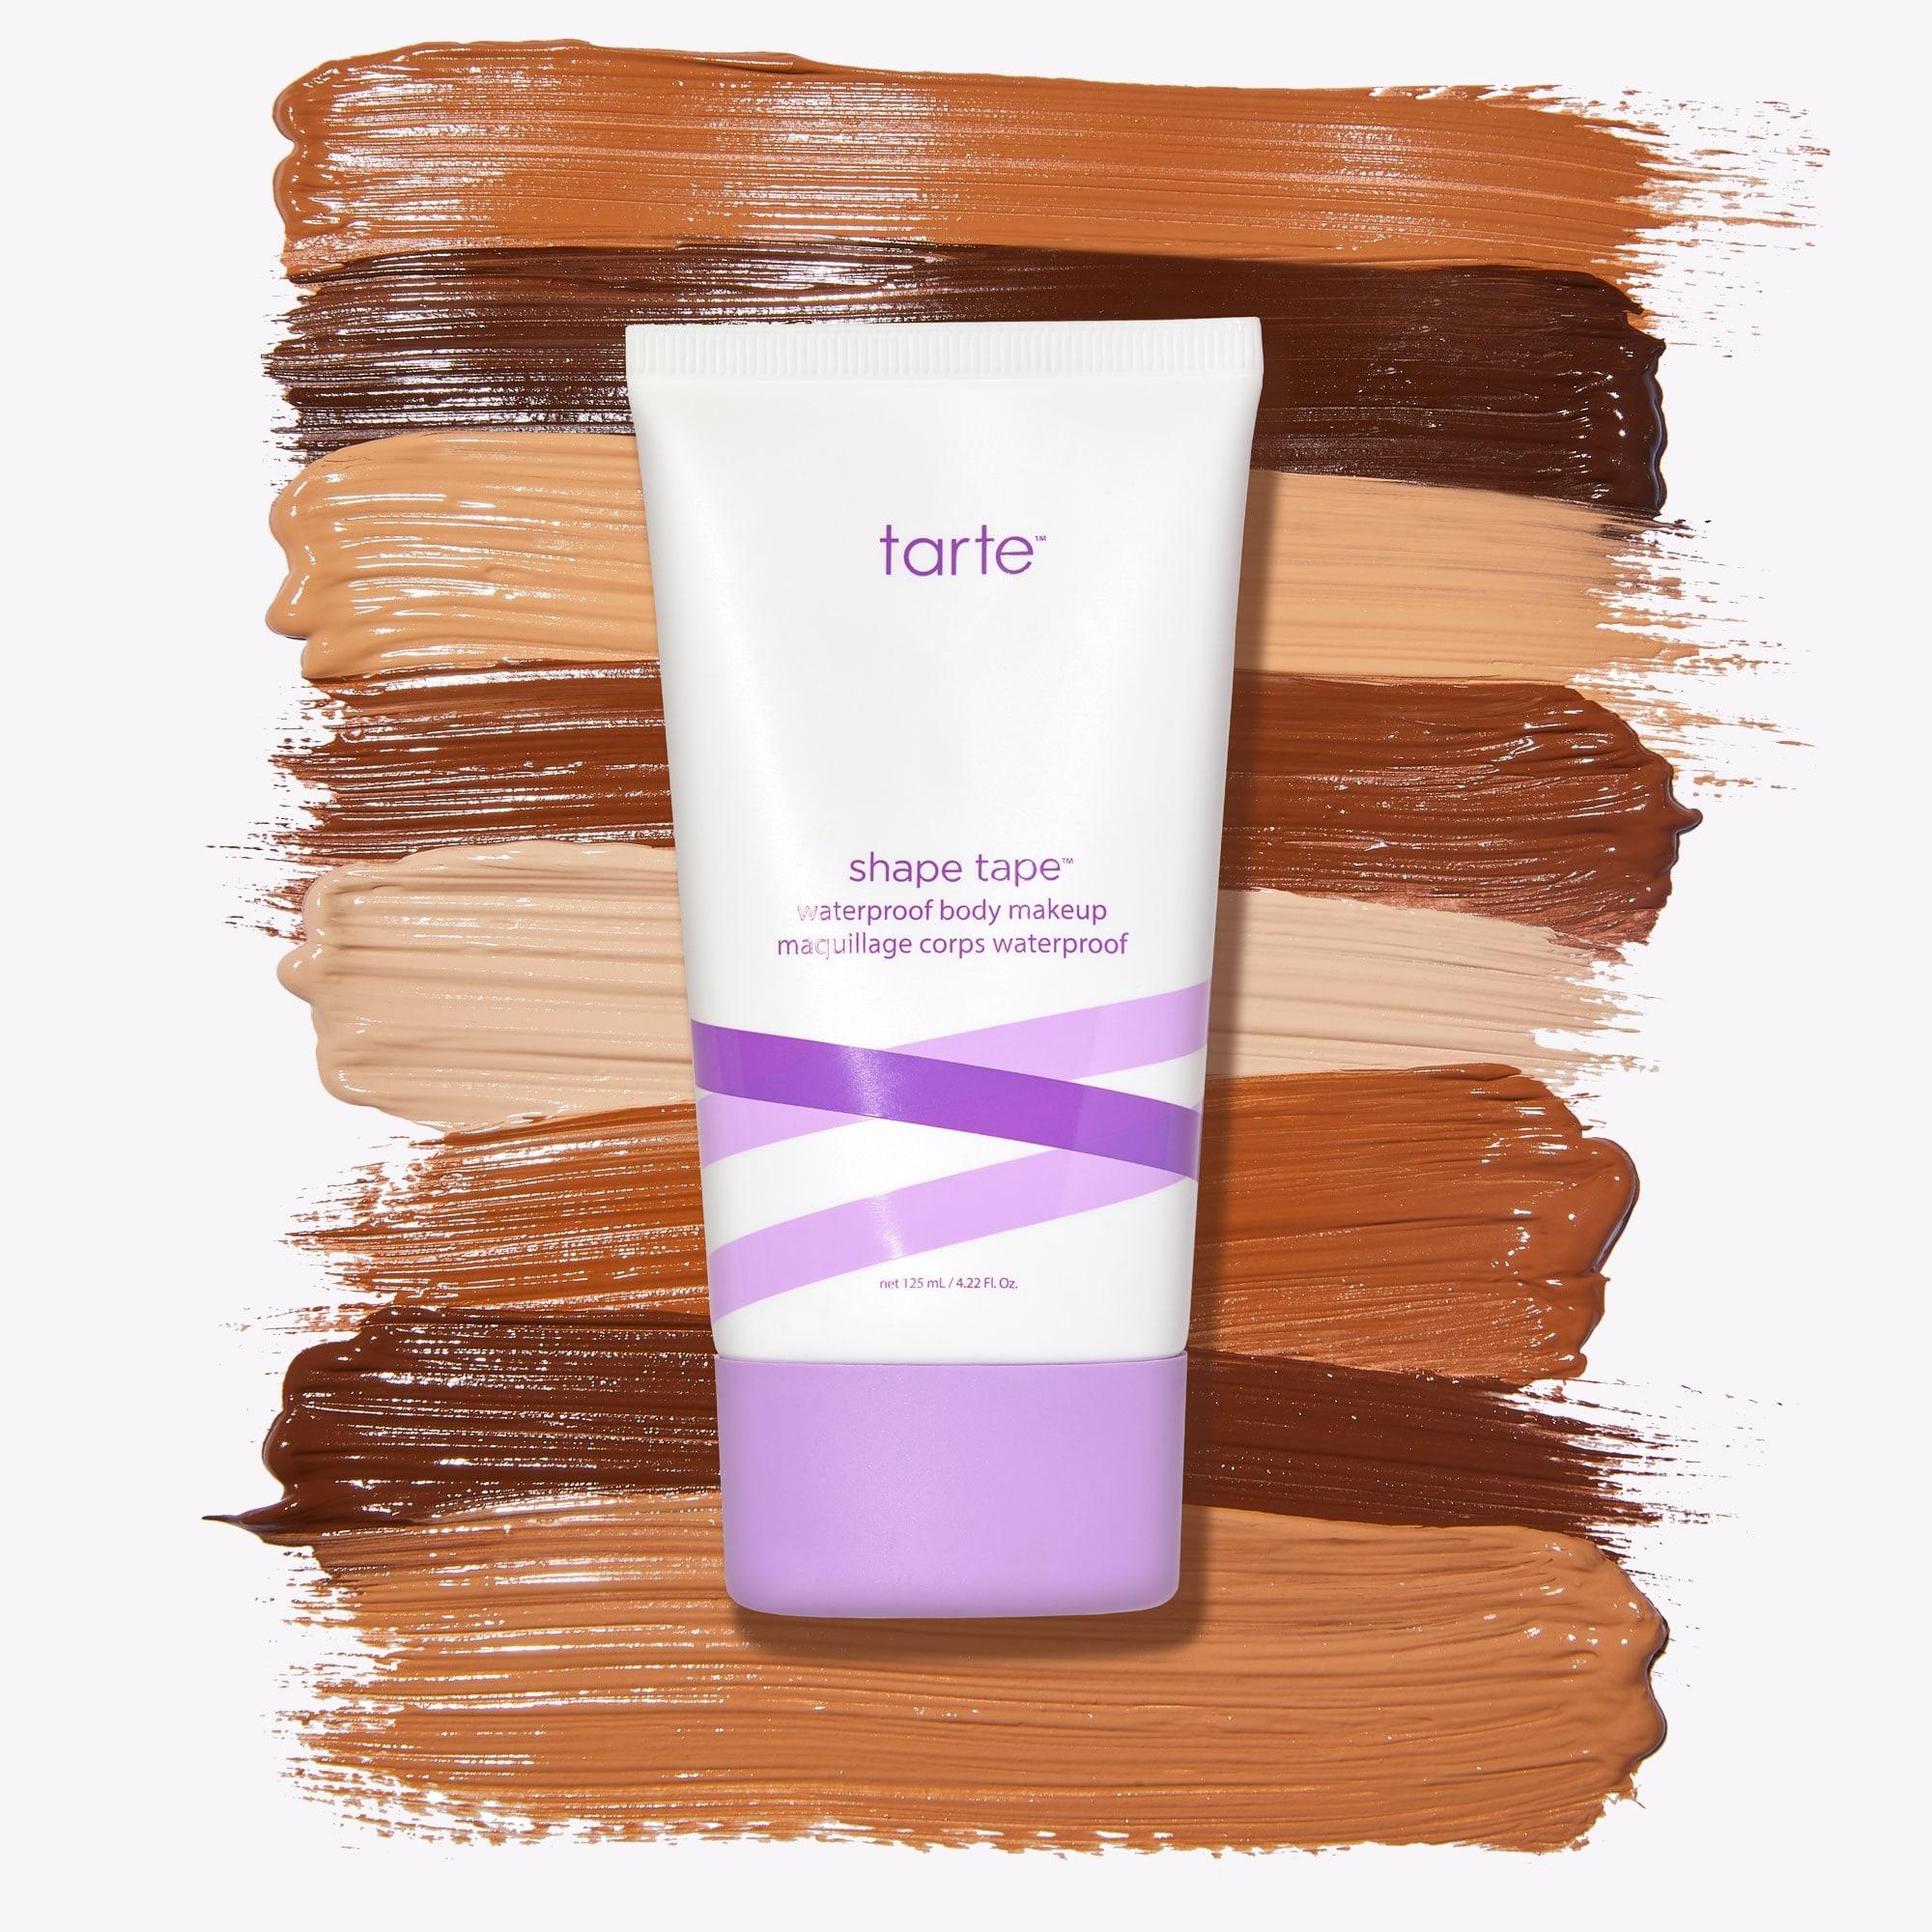 Shape Tape Waterproof Body Makeup